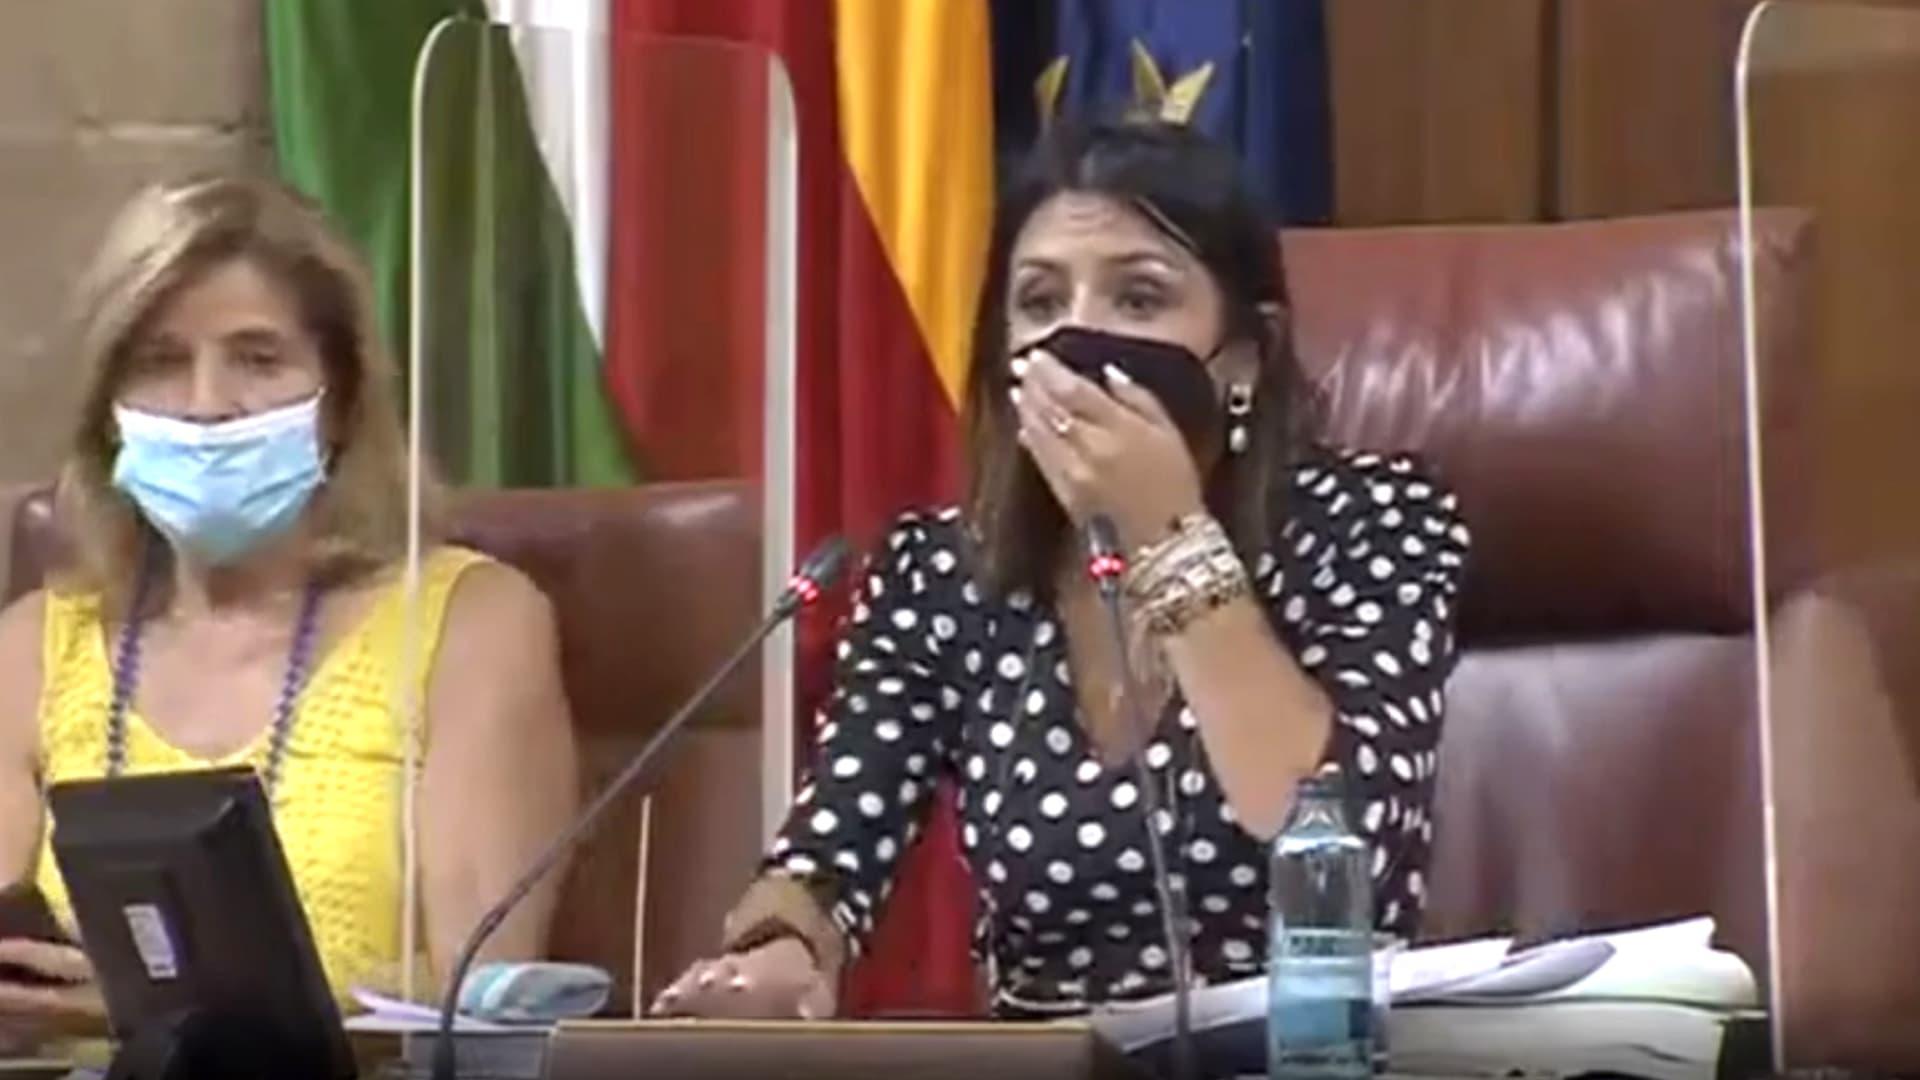 شاهد حالة من الفوضى تعم قاعة برلمان في إسبانيا.. والسبب فأر